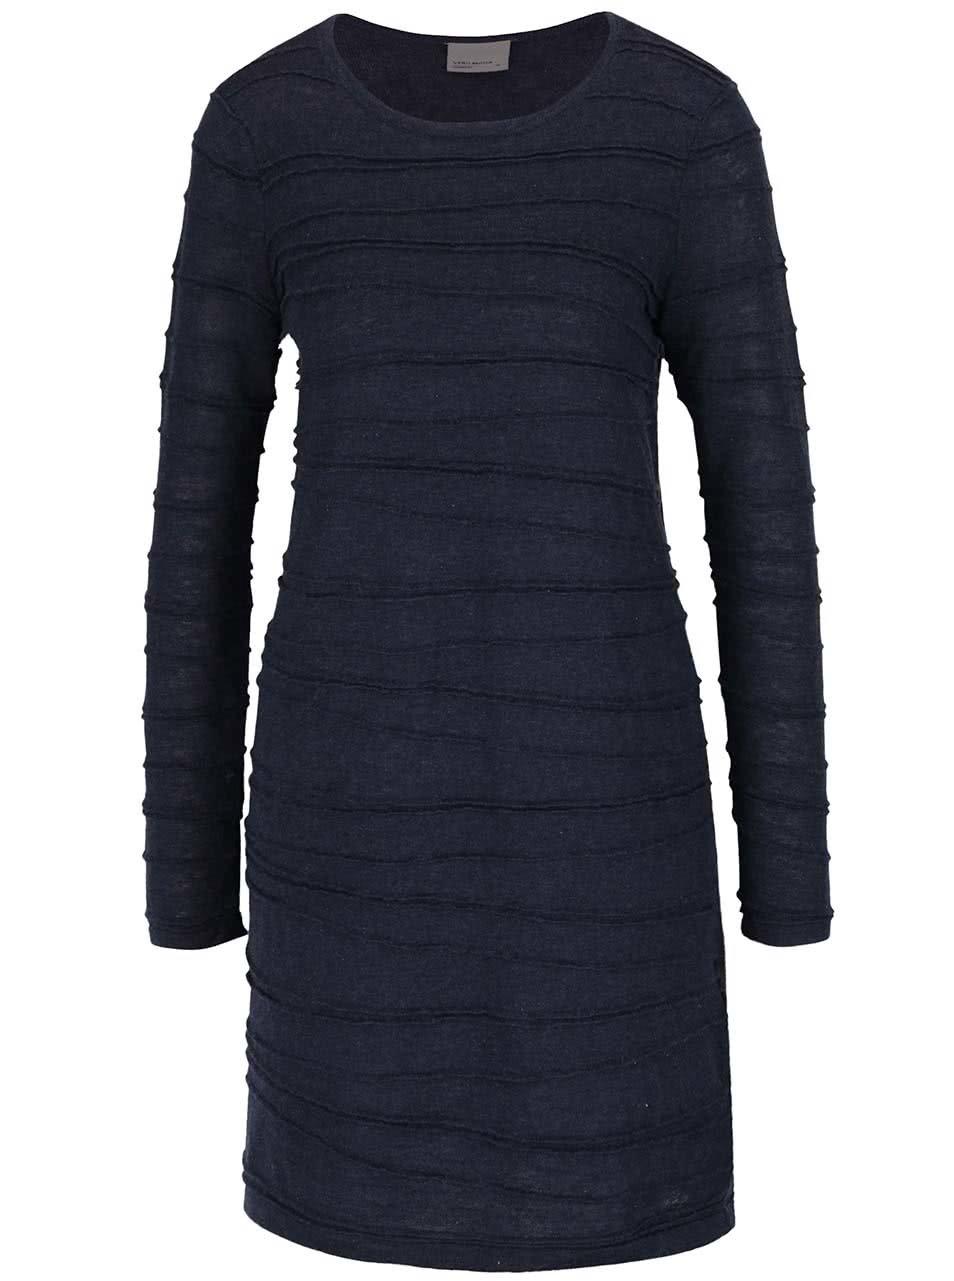 Tmavě modré svetrové šaty Vero Moda Montana